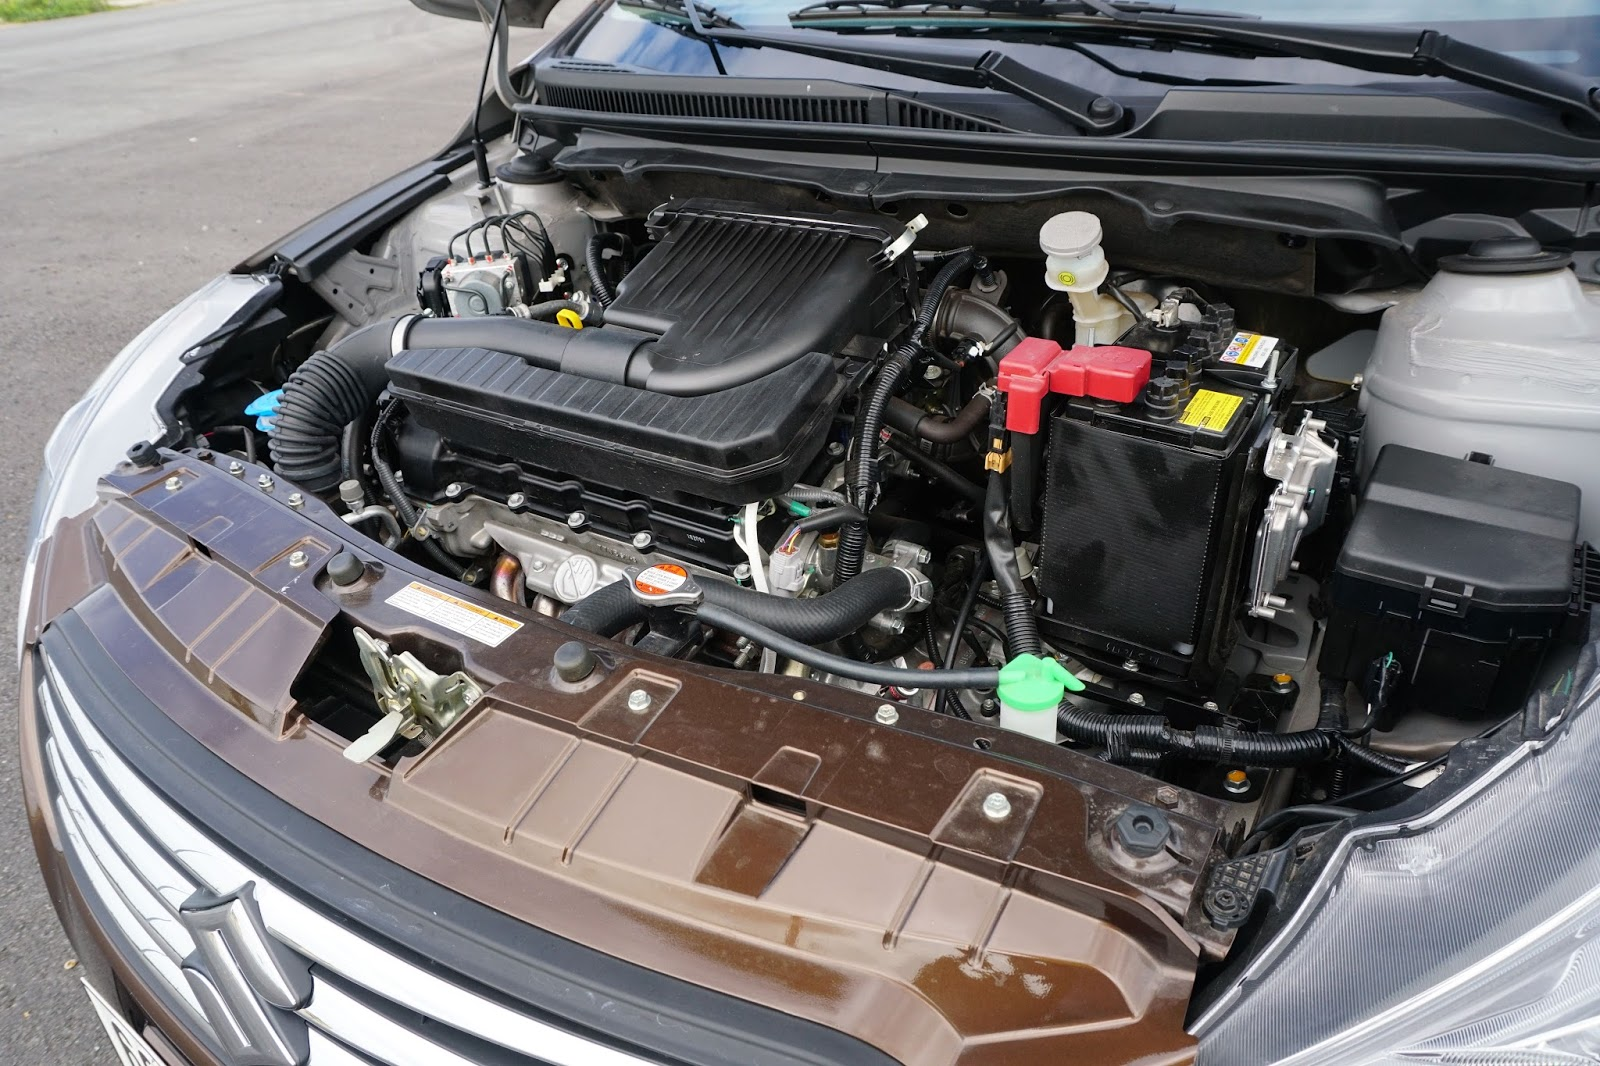 Động cơ công suất 96 mã lực I4 1.4 lít, nhẹ nhàng, vừa đủ